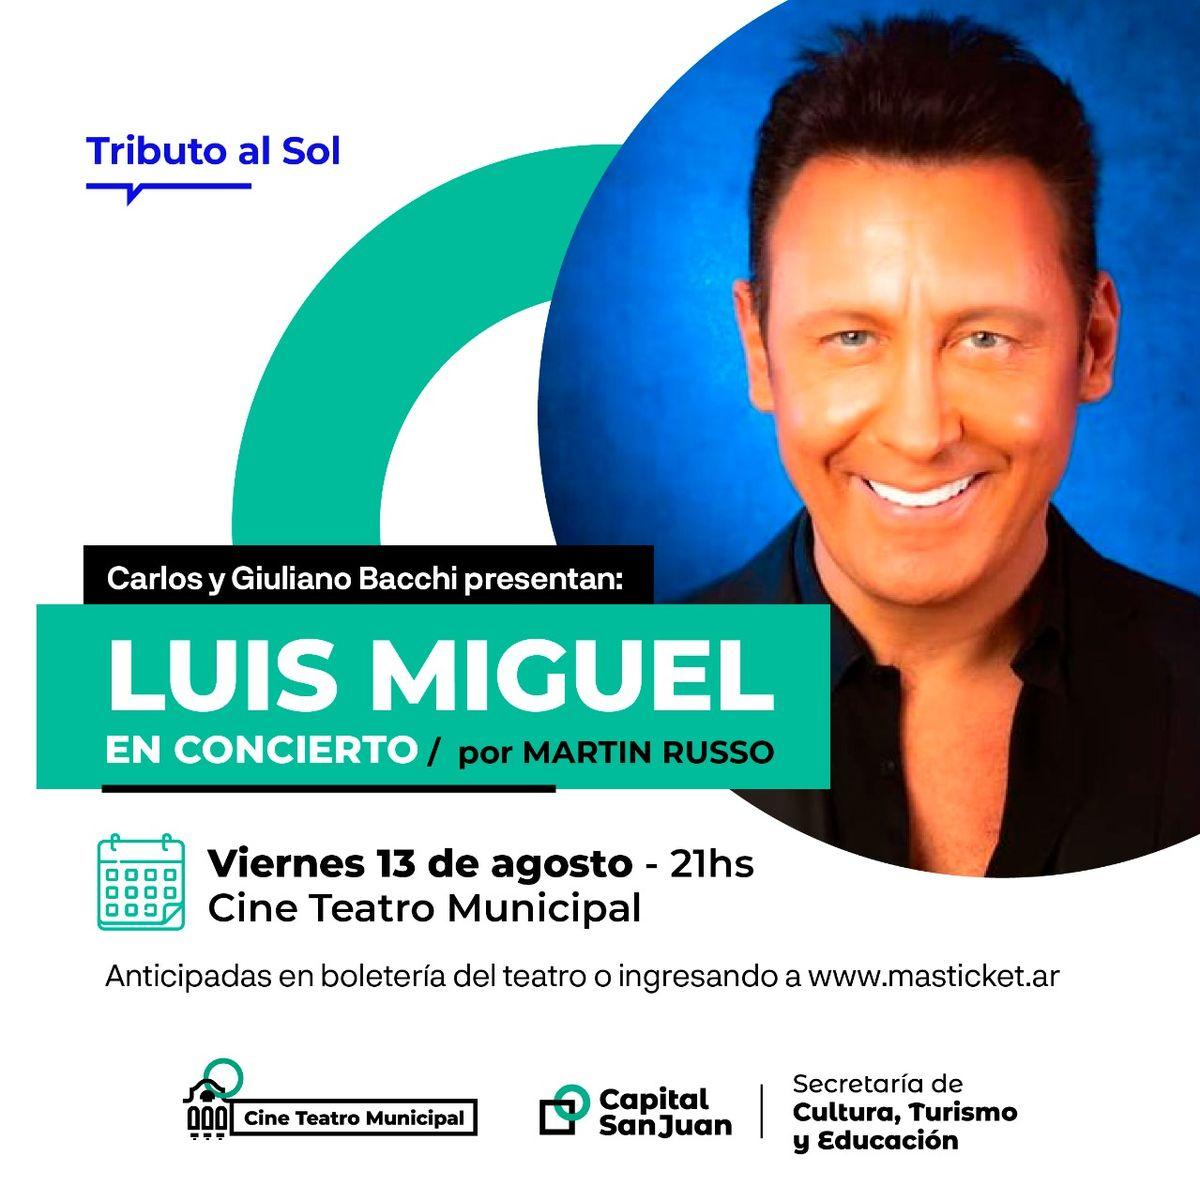 Concierto tributo a Luis Miguel en el Cine Teatro Municipal